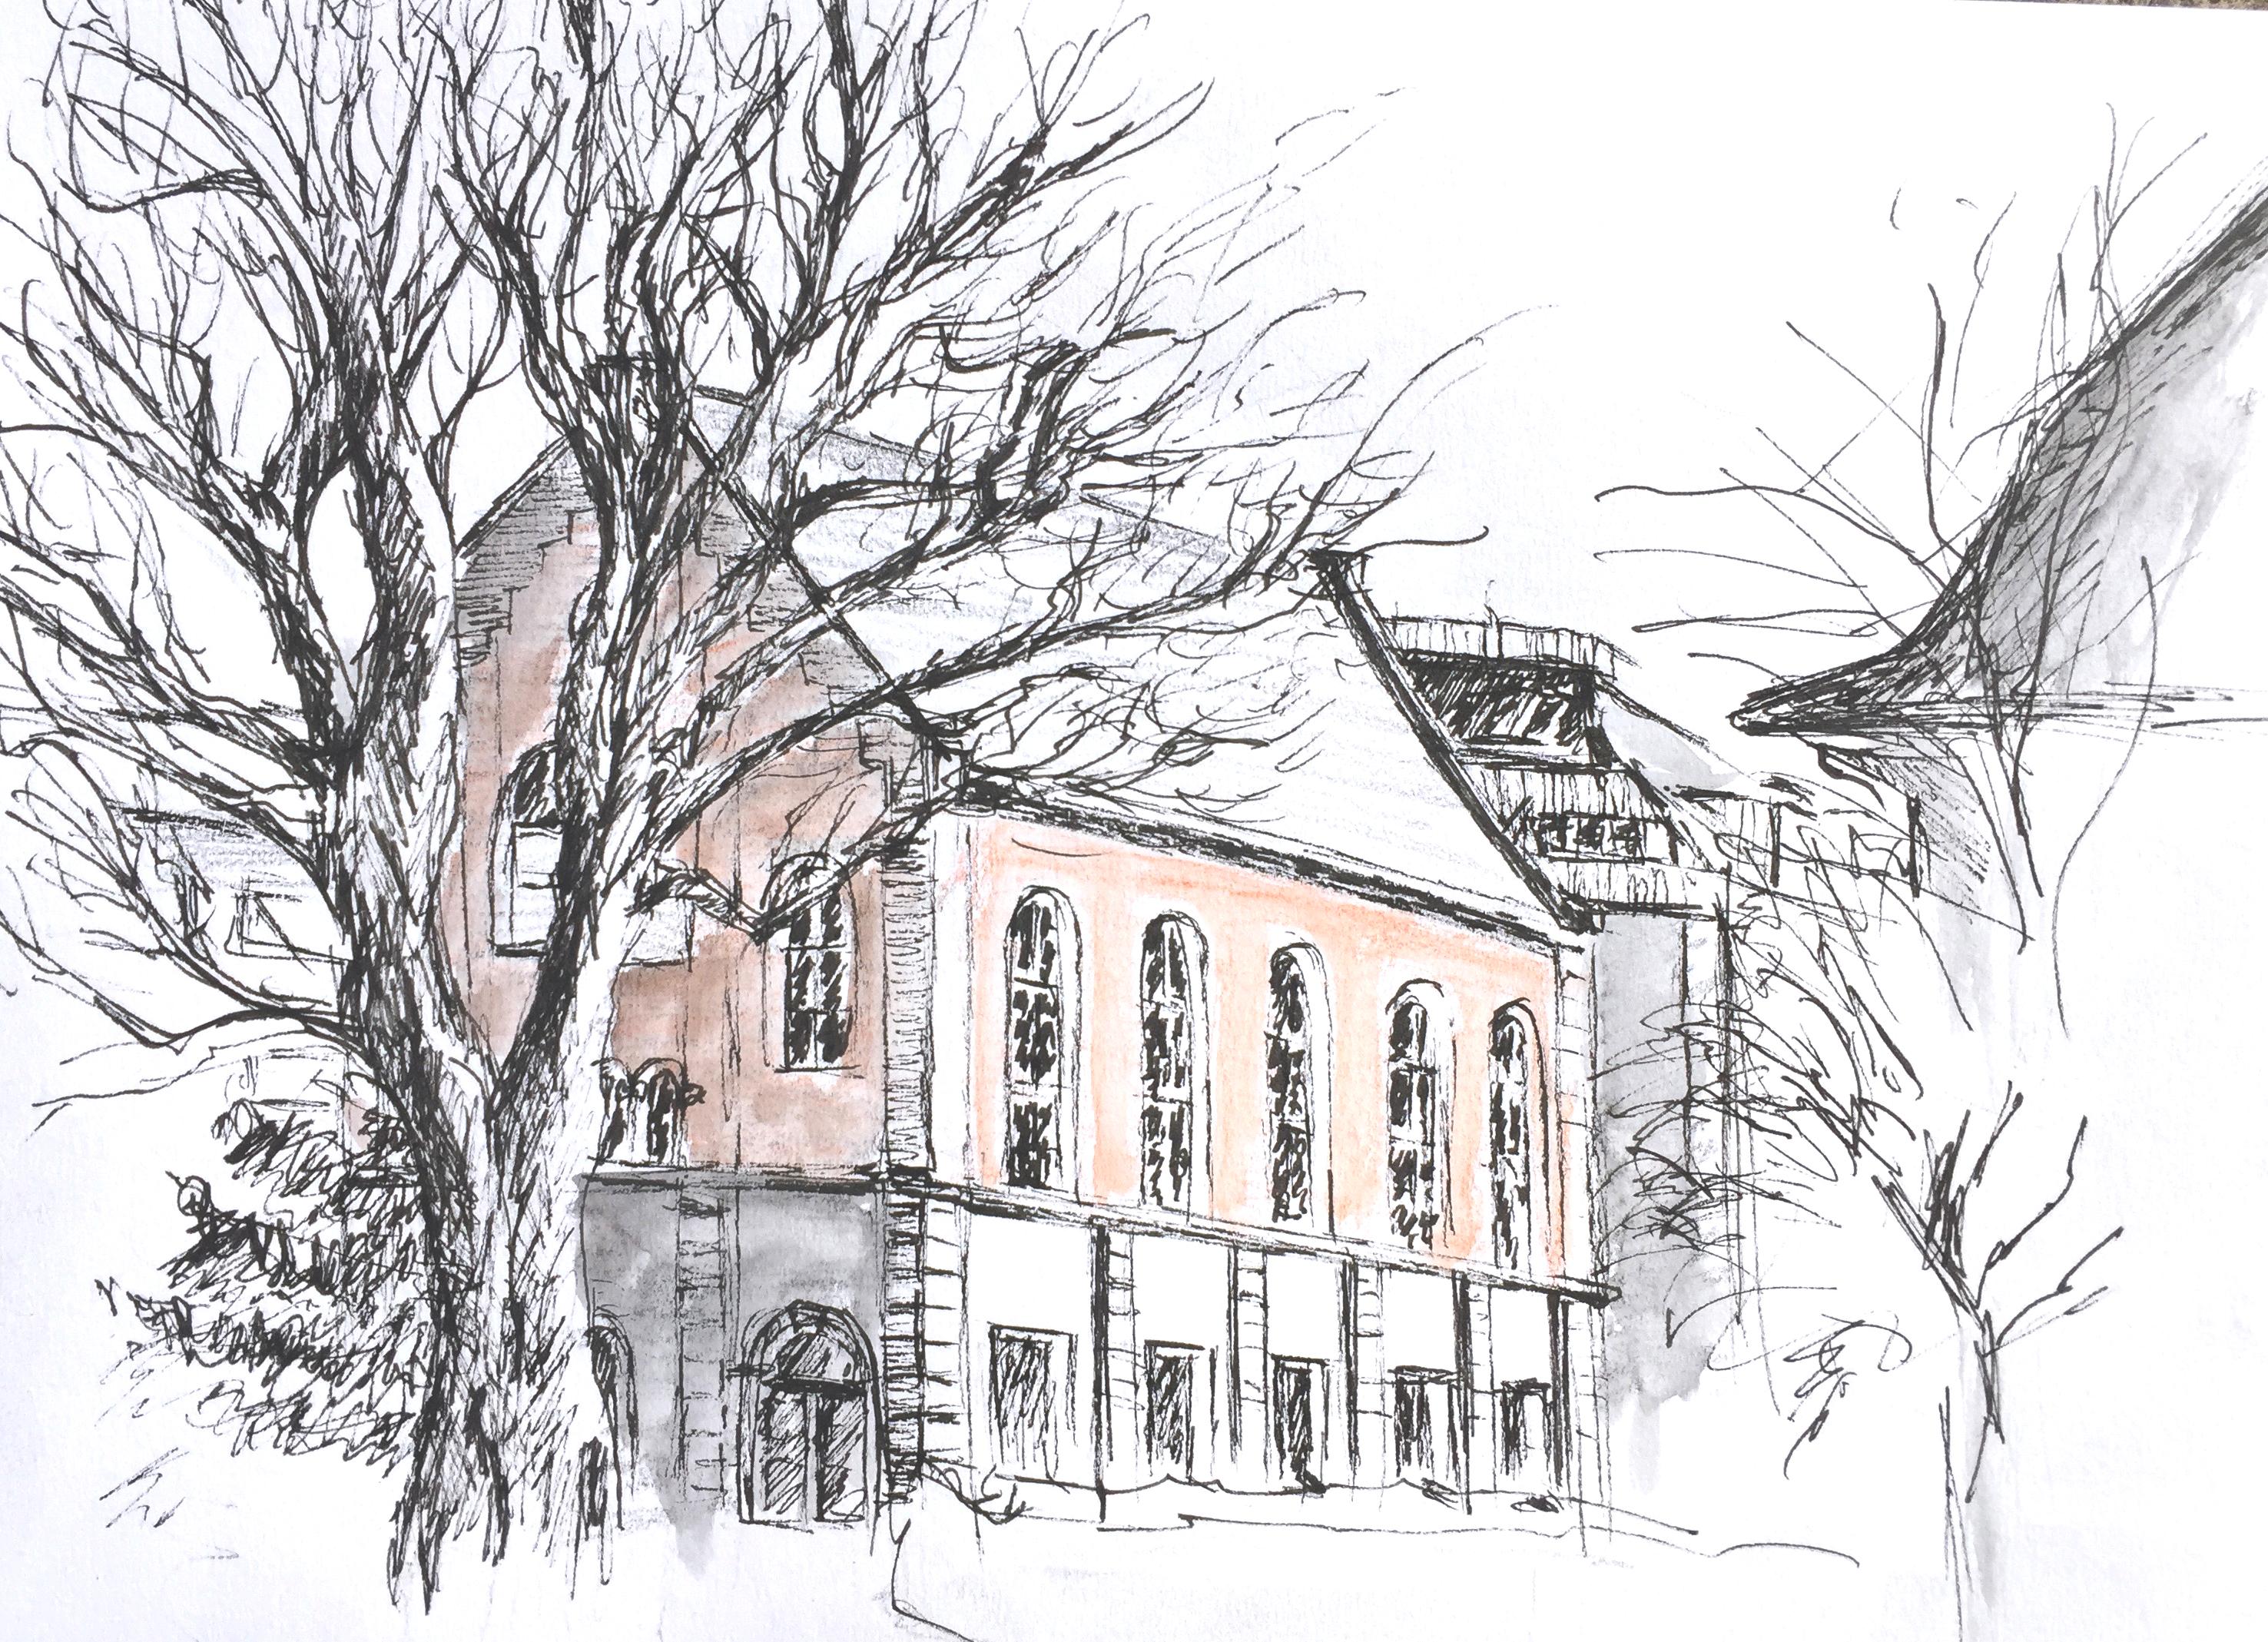 Cäcilienstrasse, Zürich, Urban Sketching,2018, Astrid Schmid Zeichnen in Zürich, Astrid Amadeo